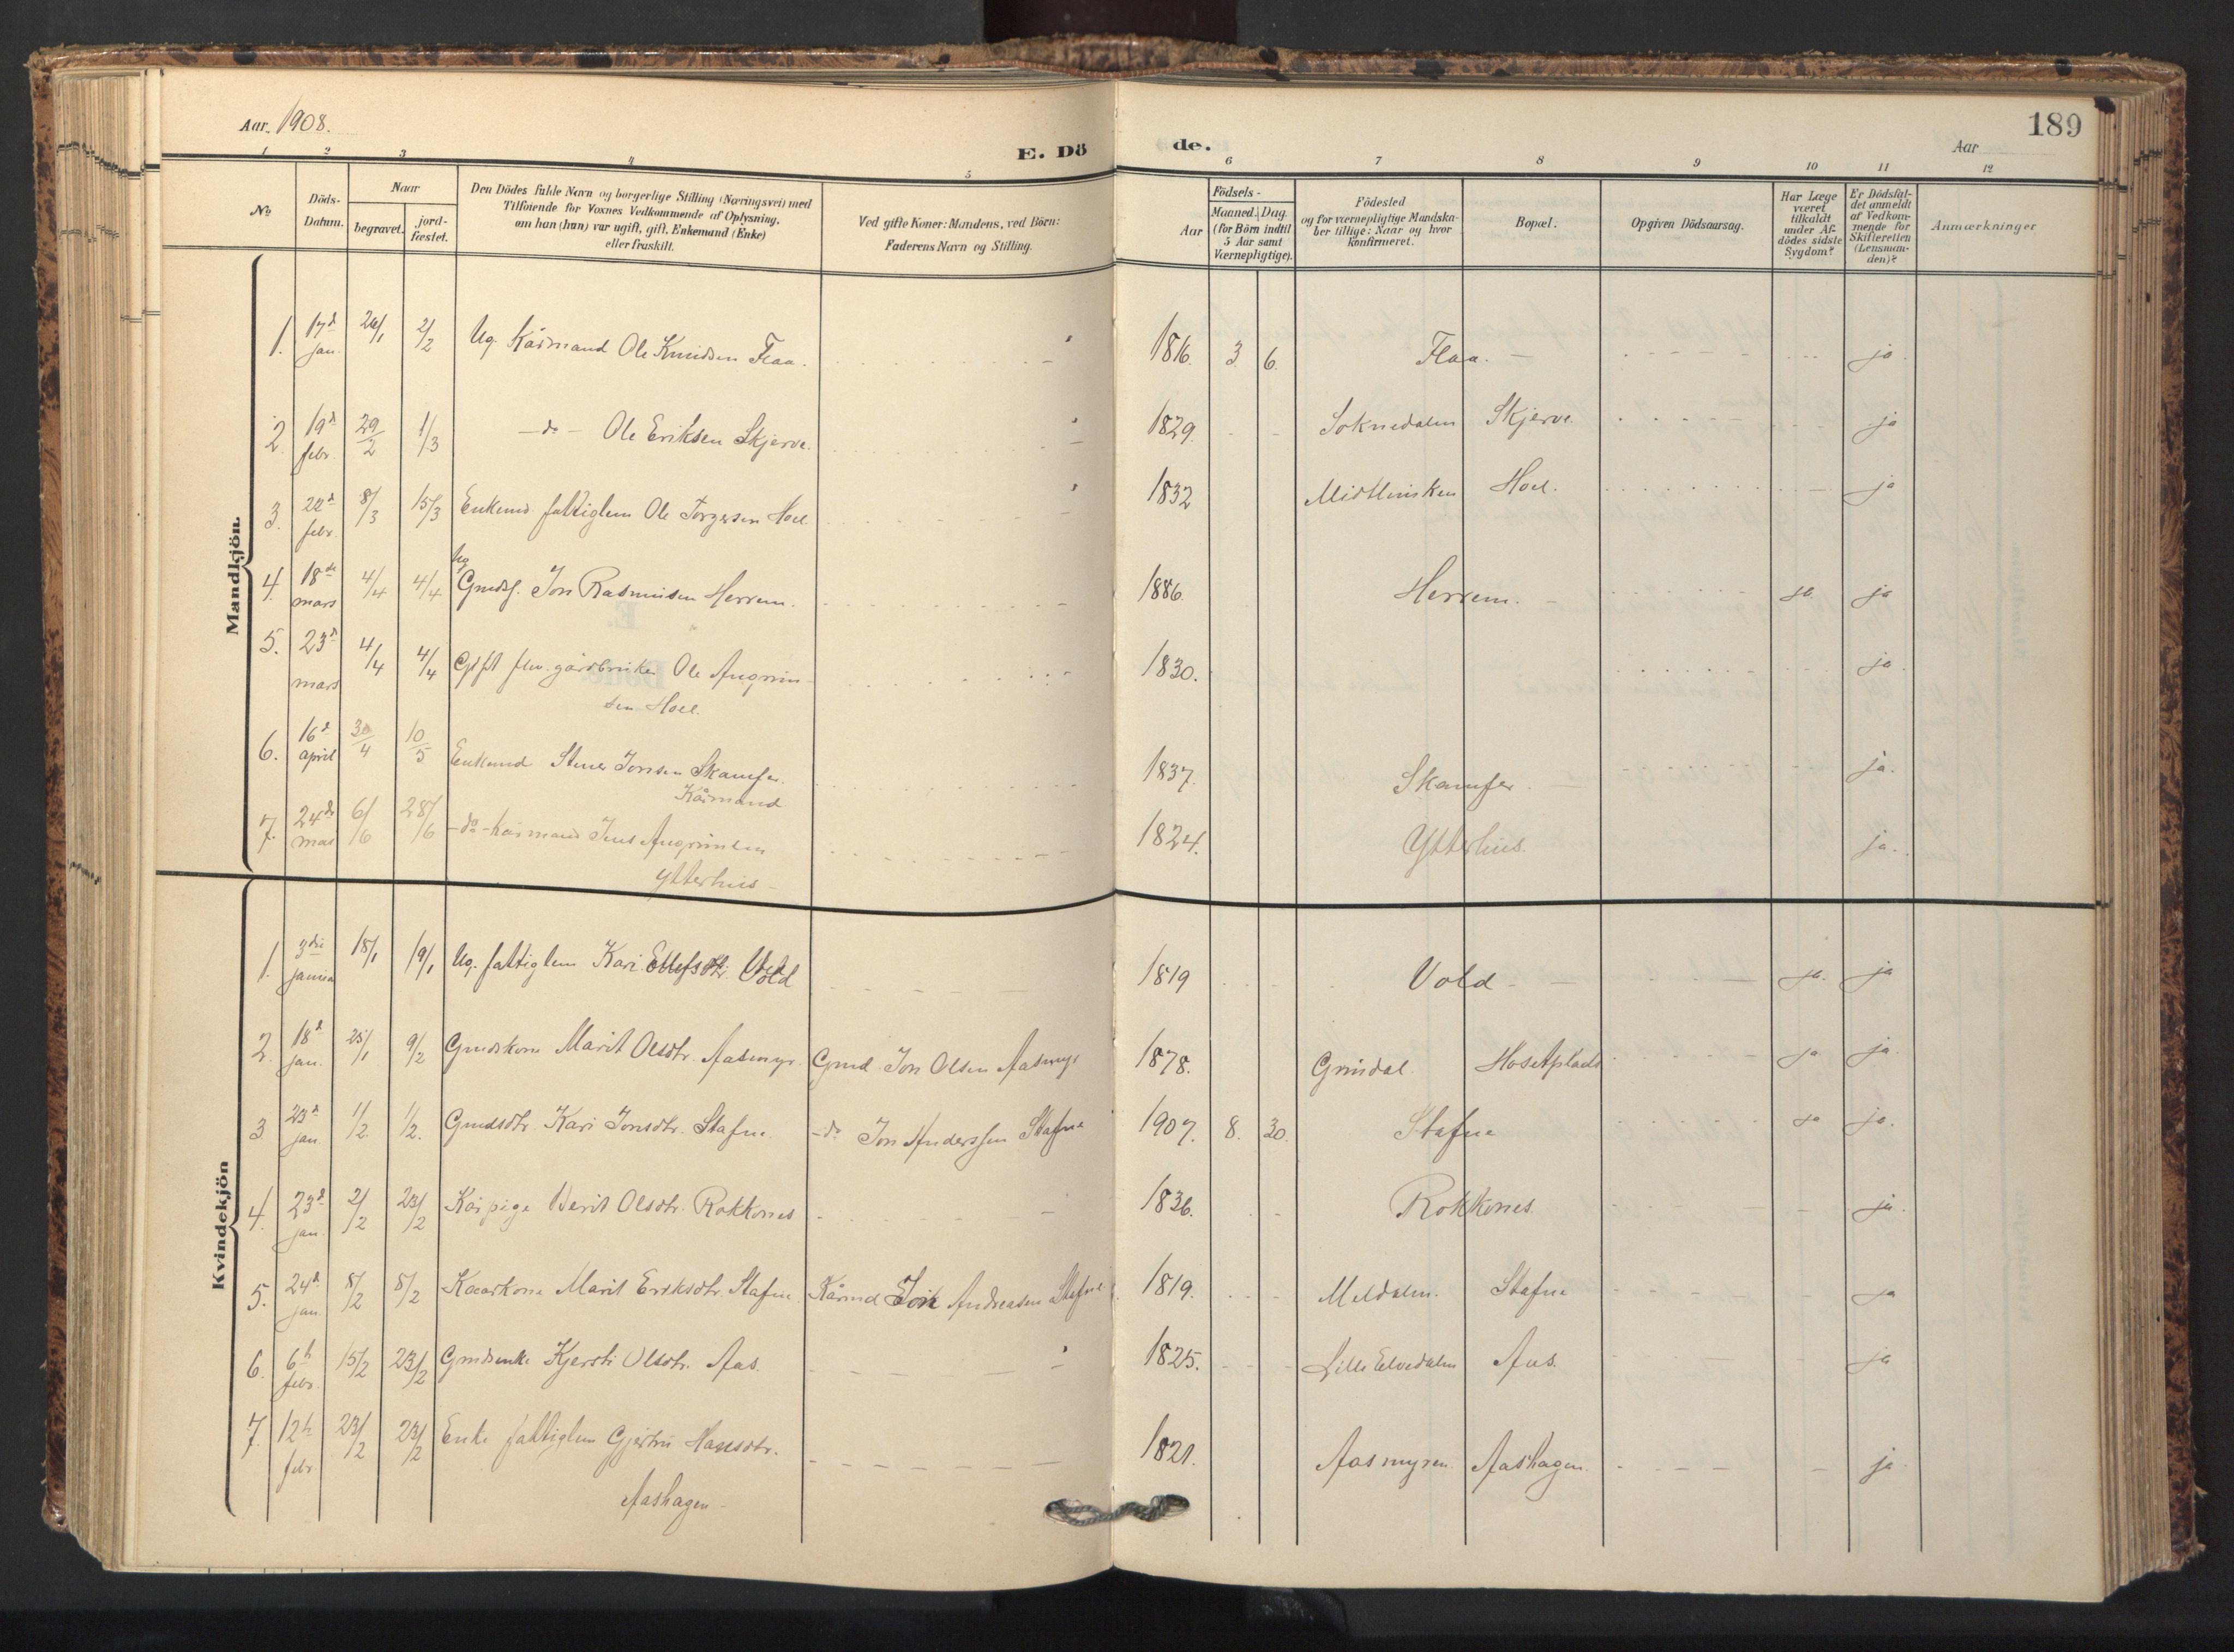 SAT, Ministerialprotokoller, klokkerbøker og fødselsregistre - Sør-Trøndelag, 674/L0873: Ministerialbok nr. 674A05, 1908-1923, s. 189